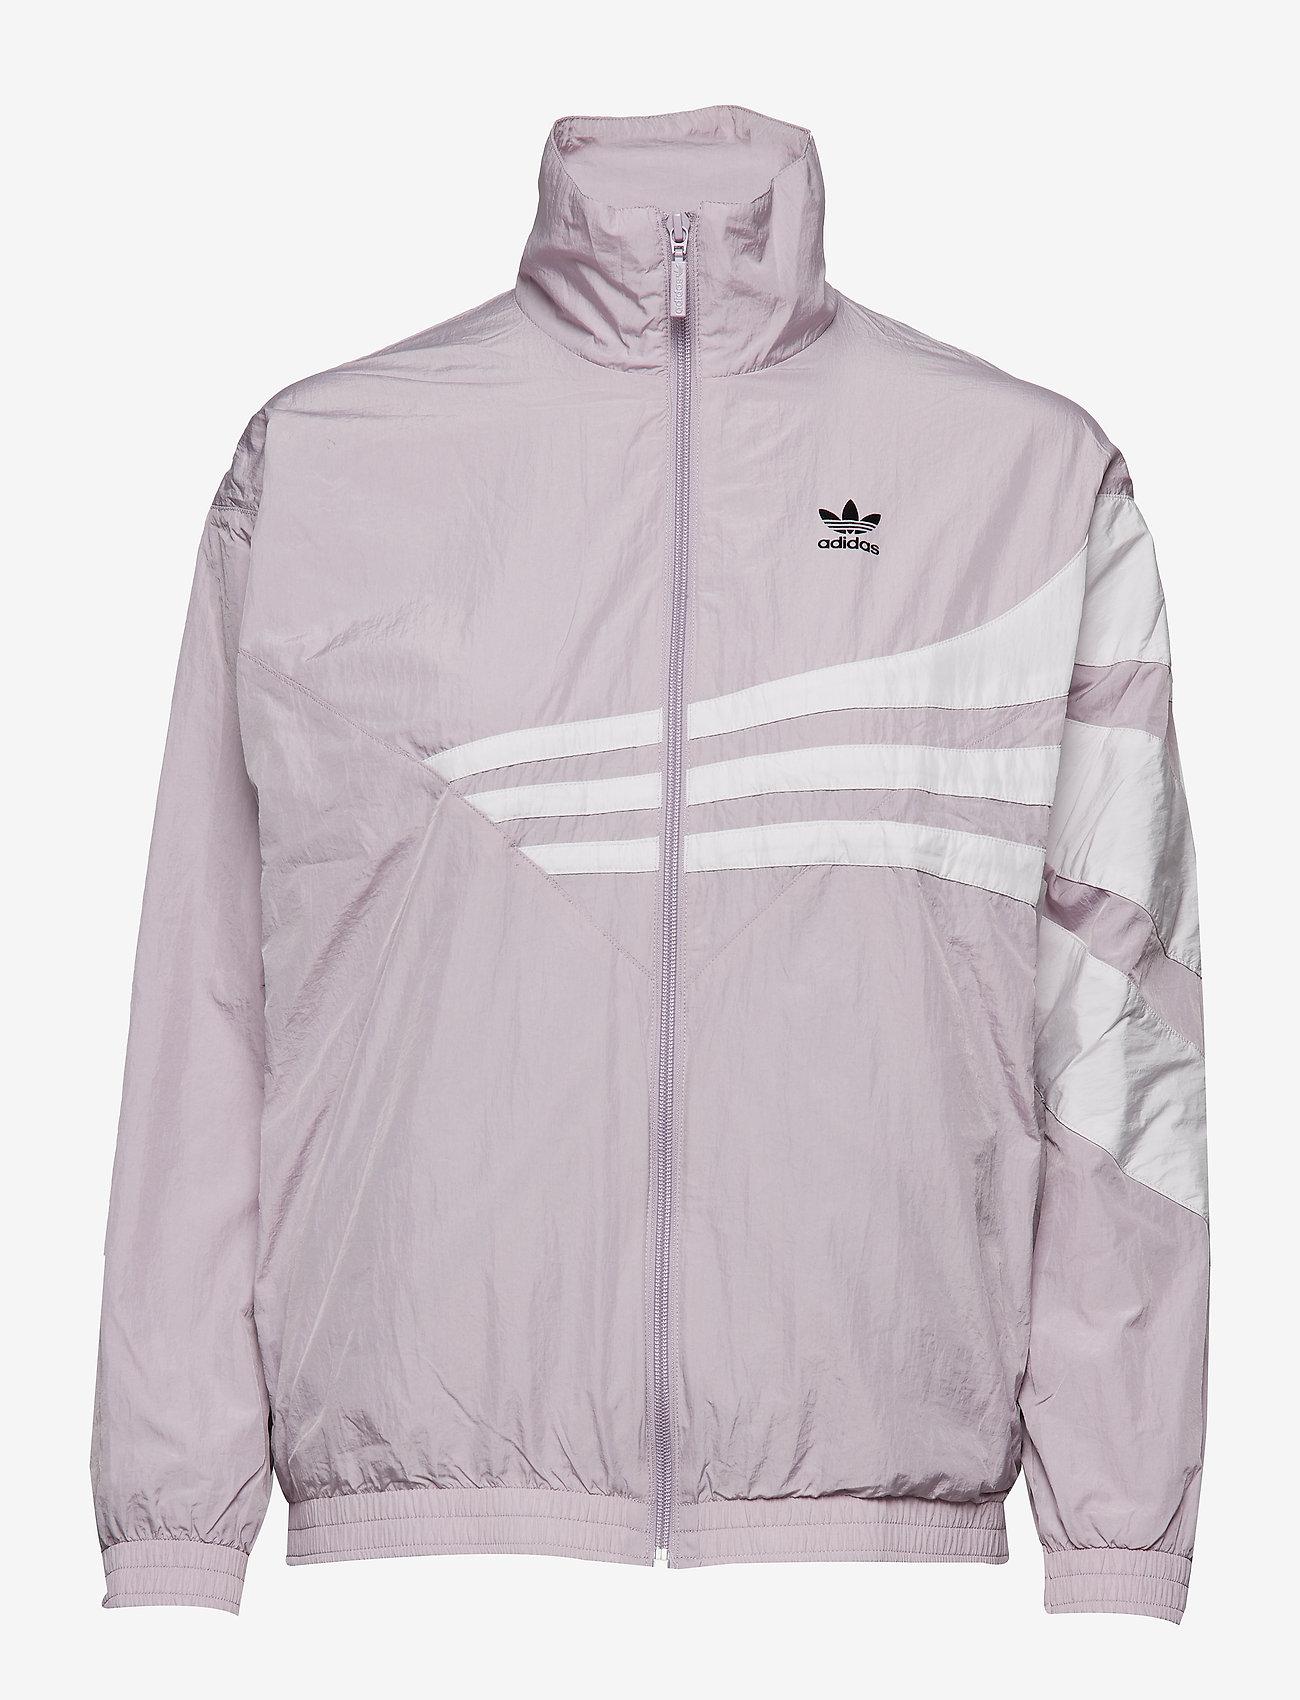 Adidas Originals Track Top Sofvis